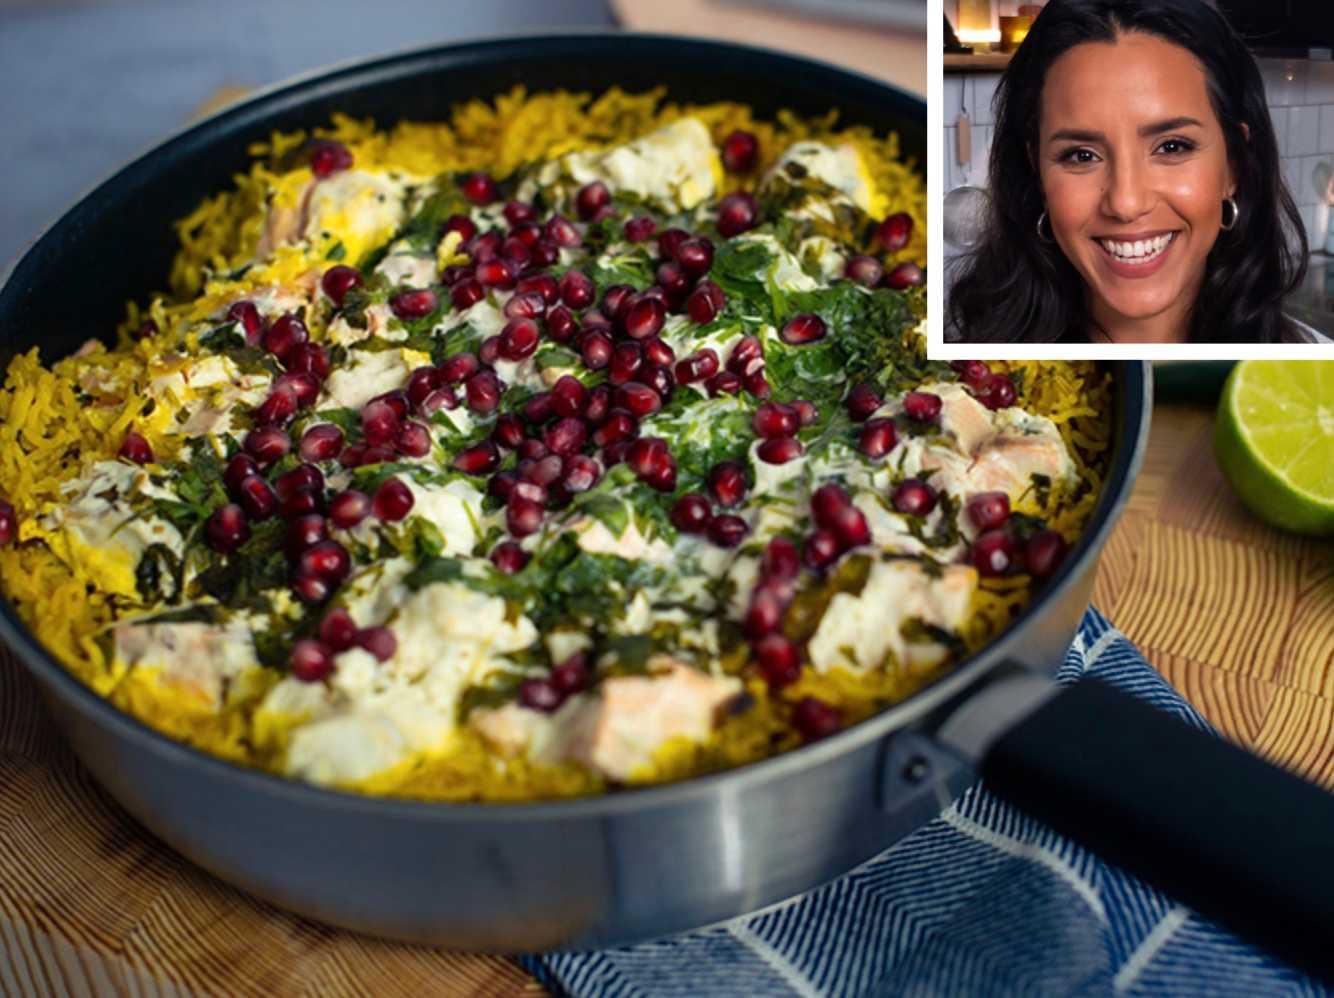 Markiz Taintons middagstips: Allt i en gryta: One pot rice med lax och torsk.